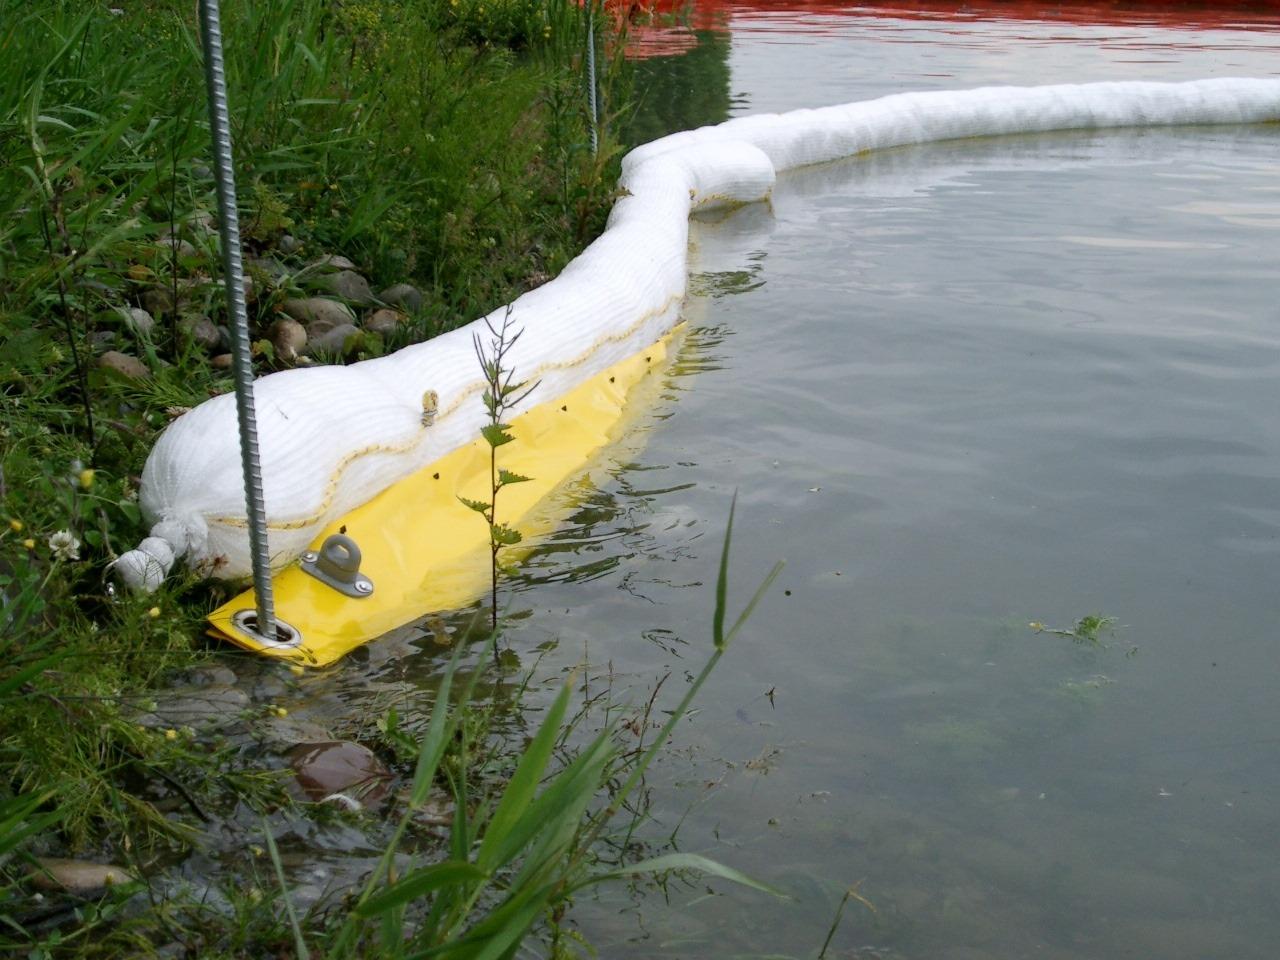 Umweltschutz auf Gewässern mittels einer SEABOR Wasserschürze an einem Sorbent-Schlauch